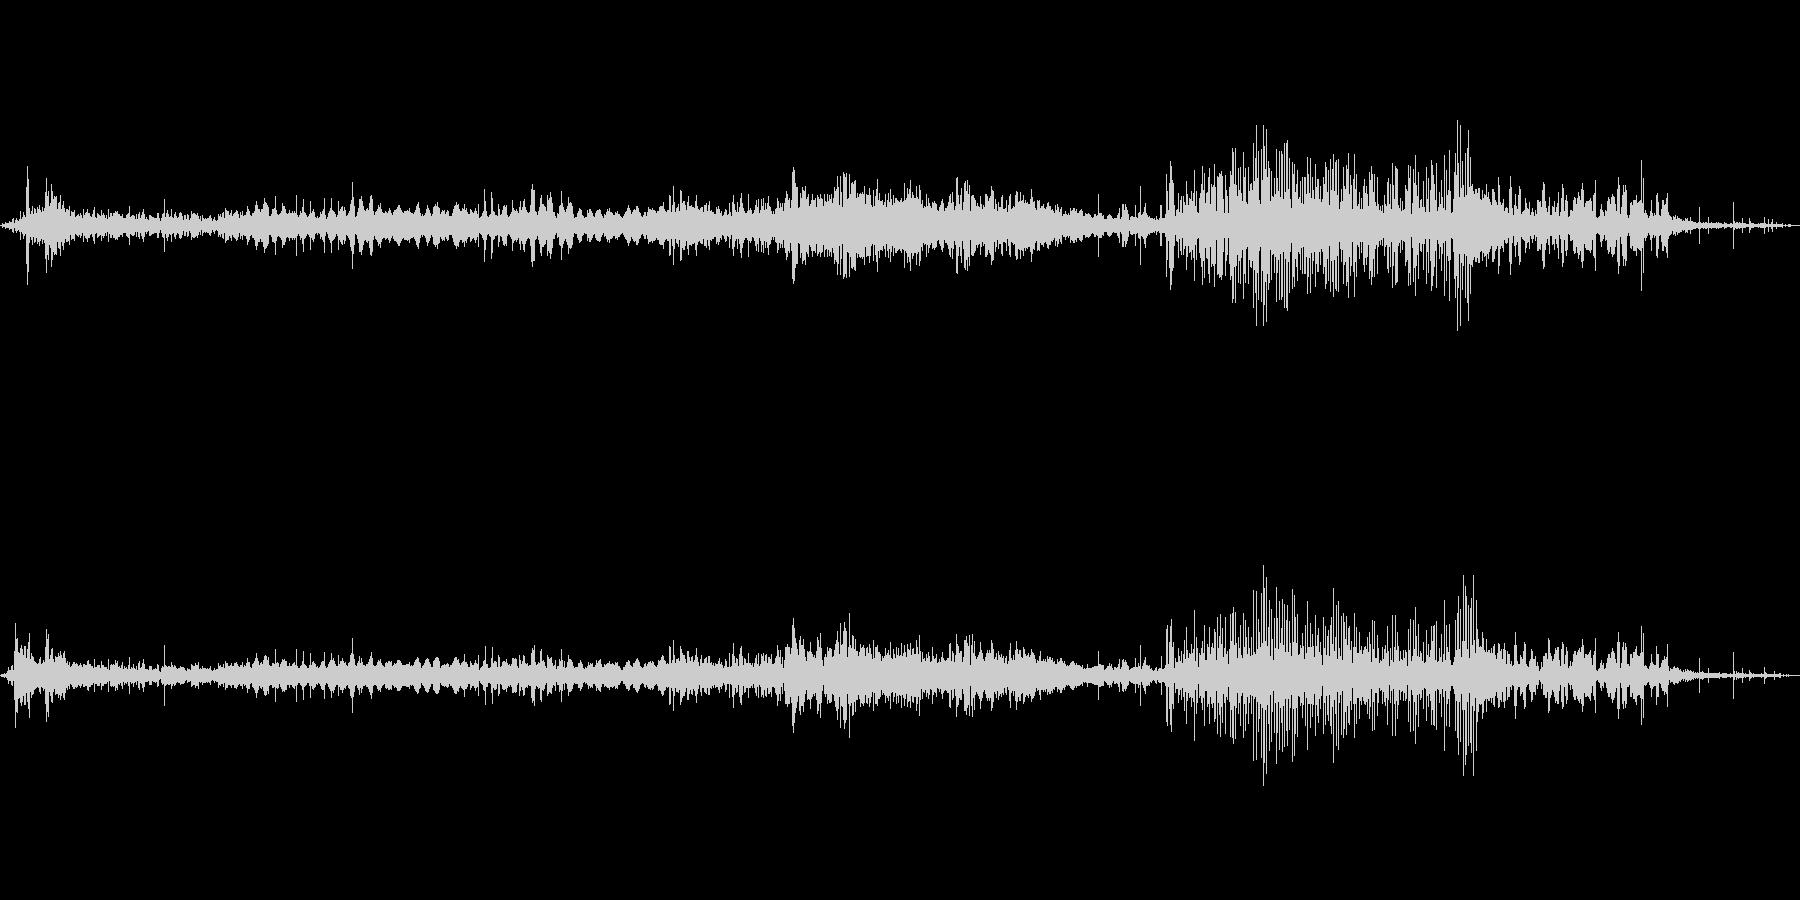 不眠症ミュージカルパルサーの未再生の波形